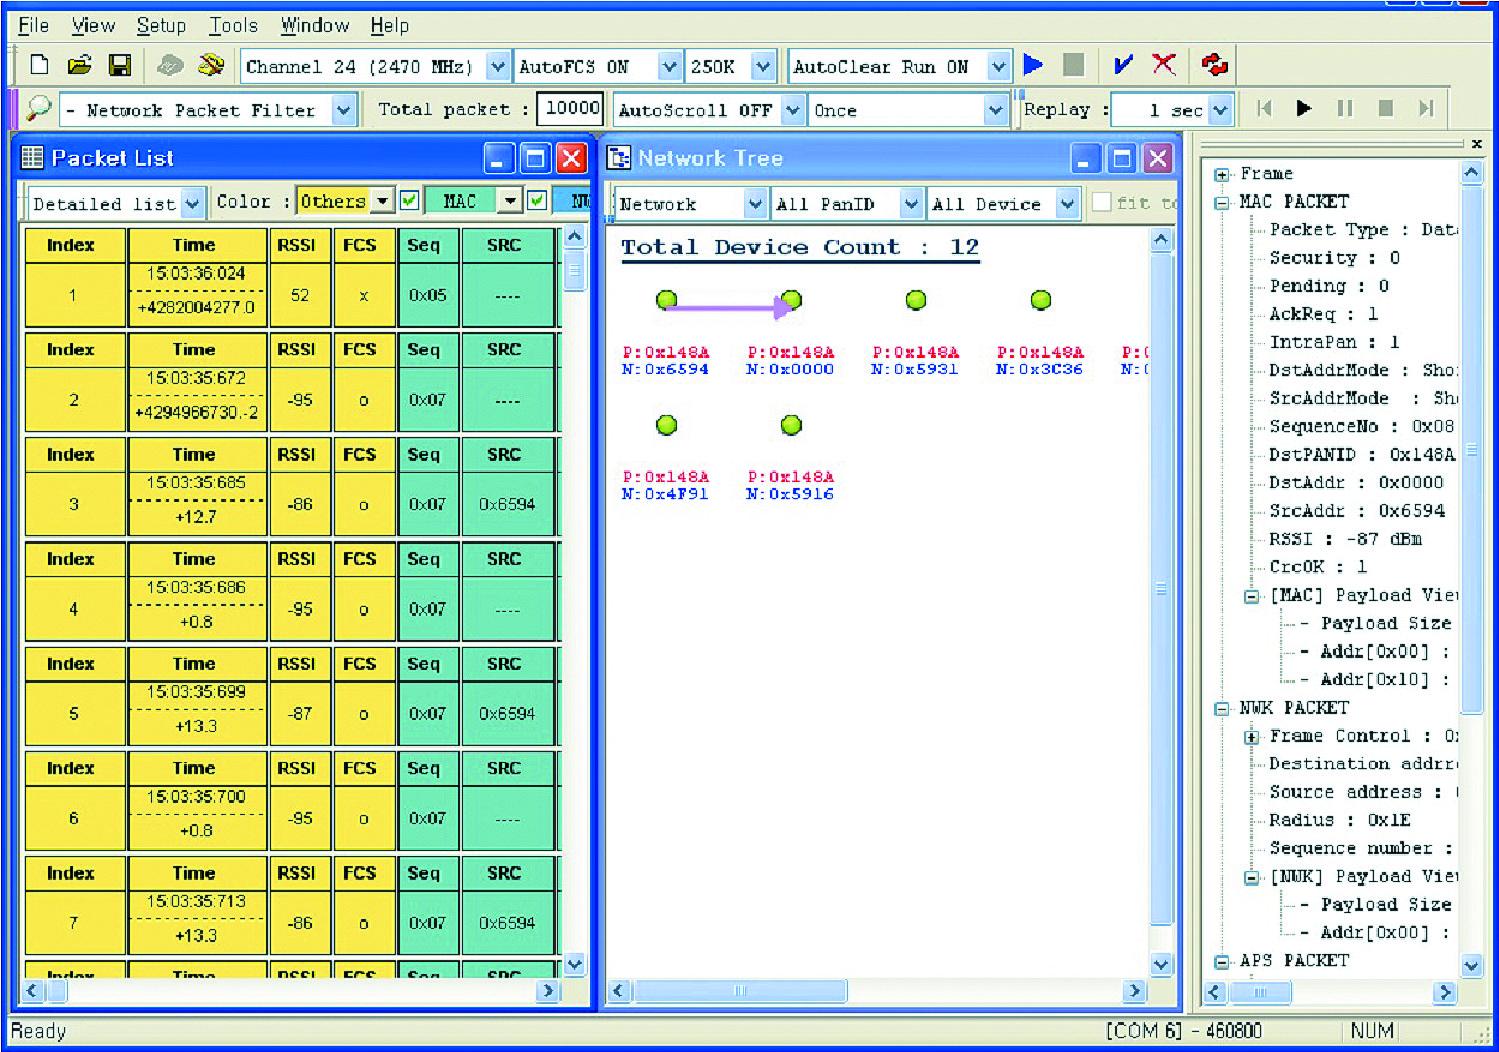 CEL Packet-Analyzer позволяет перехватывать, декодировать и фильтровать передаваемые по радиоканалу пакеты стандарта IEEE 802.15.4